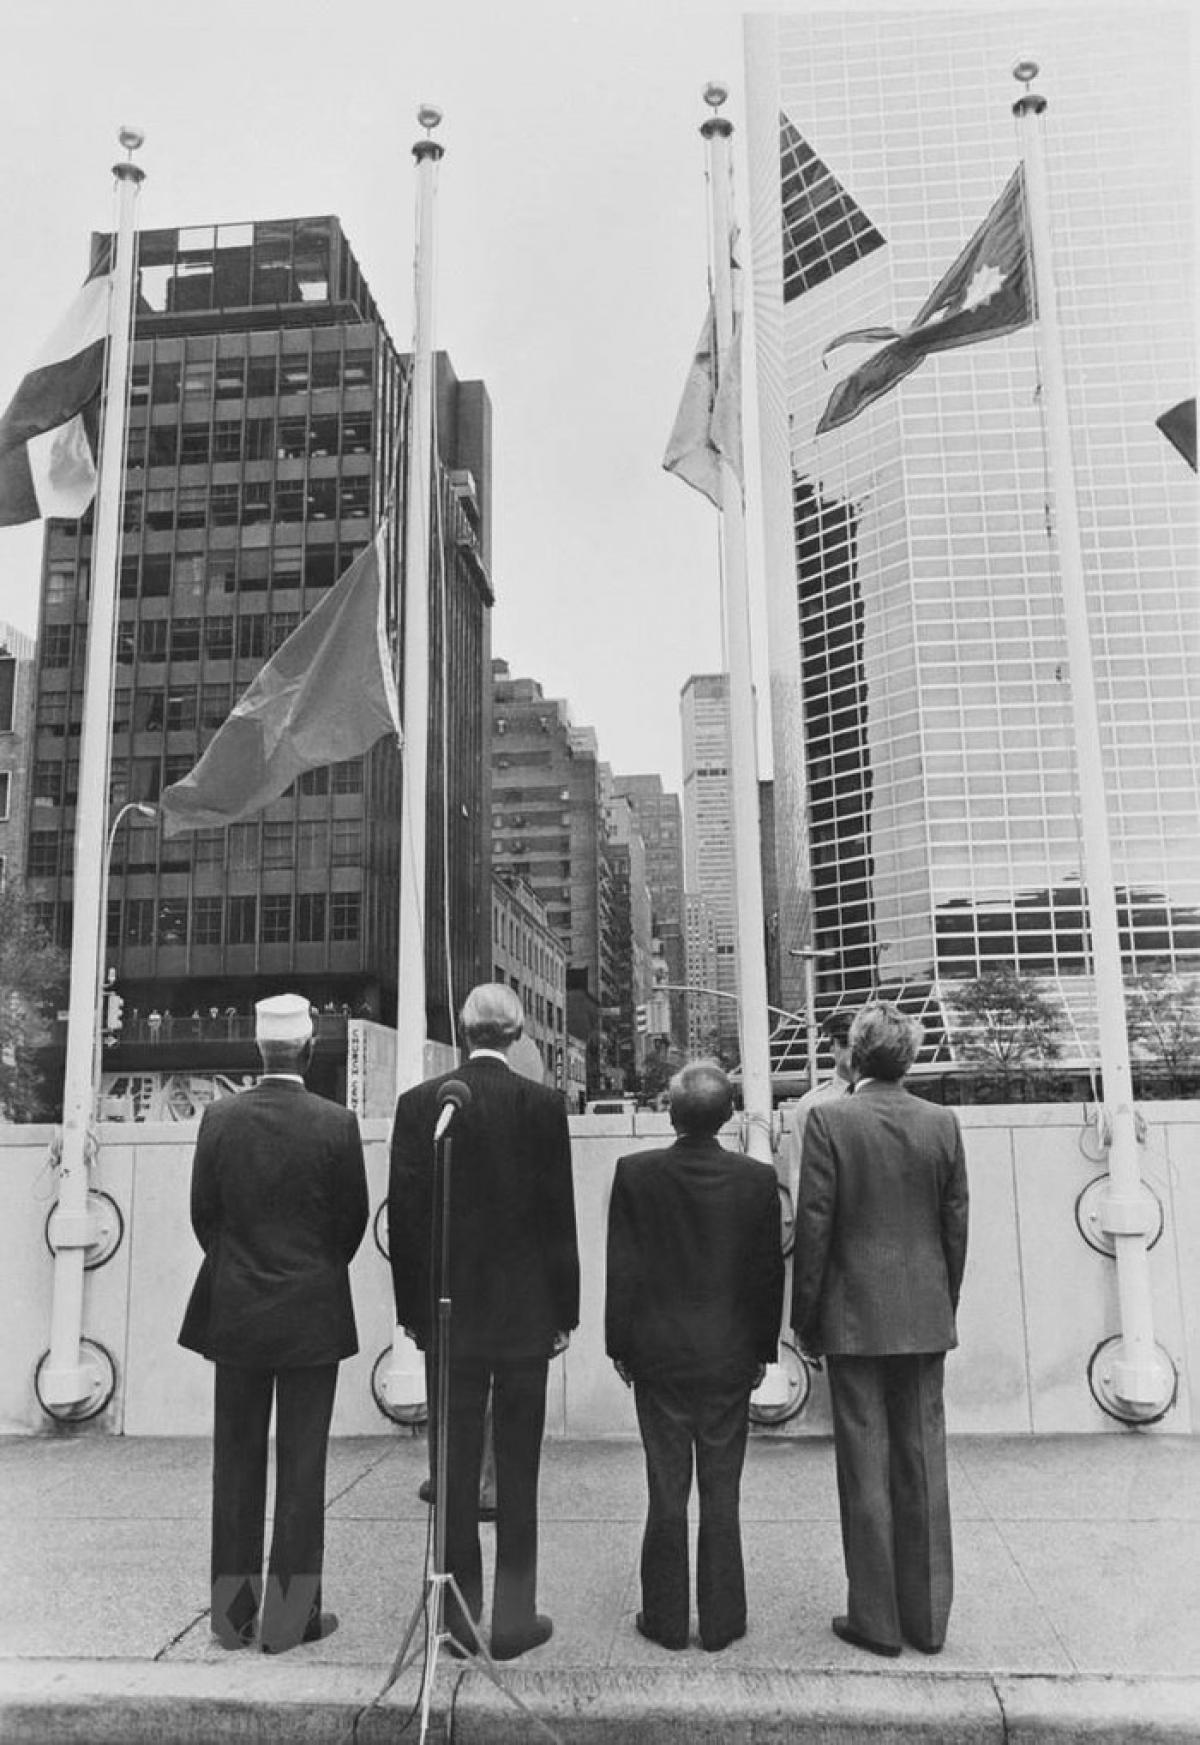 Lễ kéo cờ Việt Nam tại trụ sở LHQ ngày 20/9/1977, đánh dấu sự kiện Việt Nam chính thức là thành viên của tổ chức lớn nhất hành tinh này. (Ảnh: TTXVN)